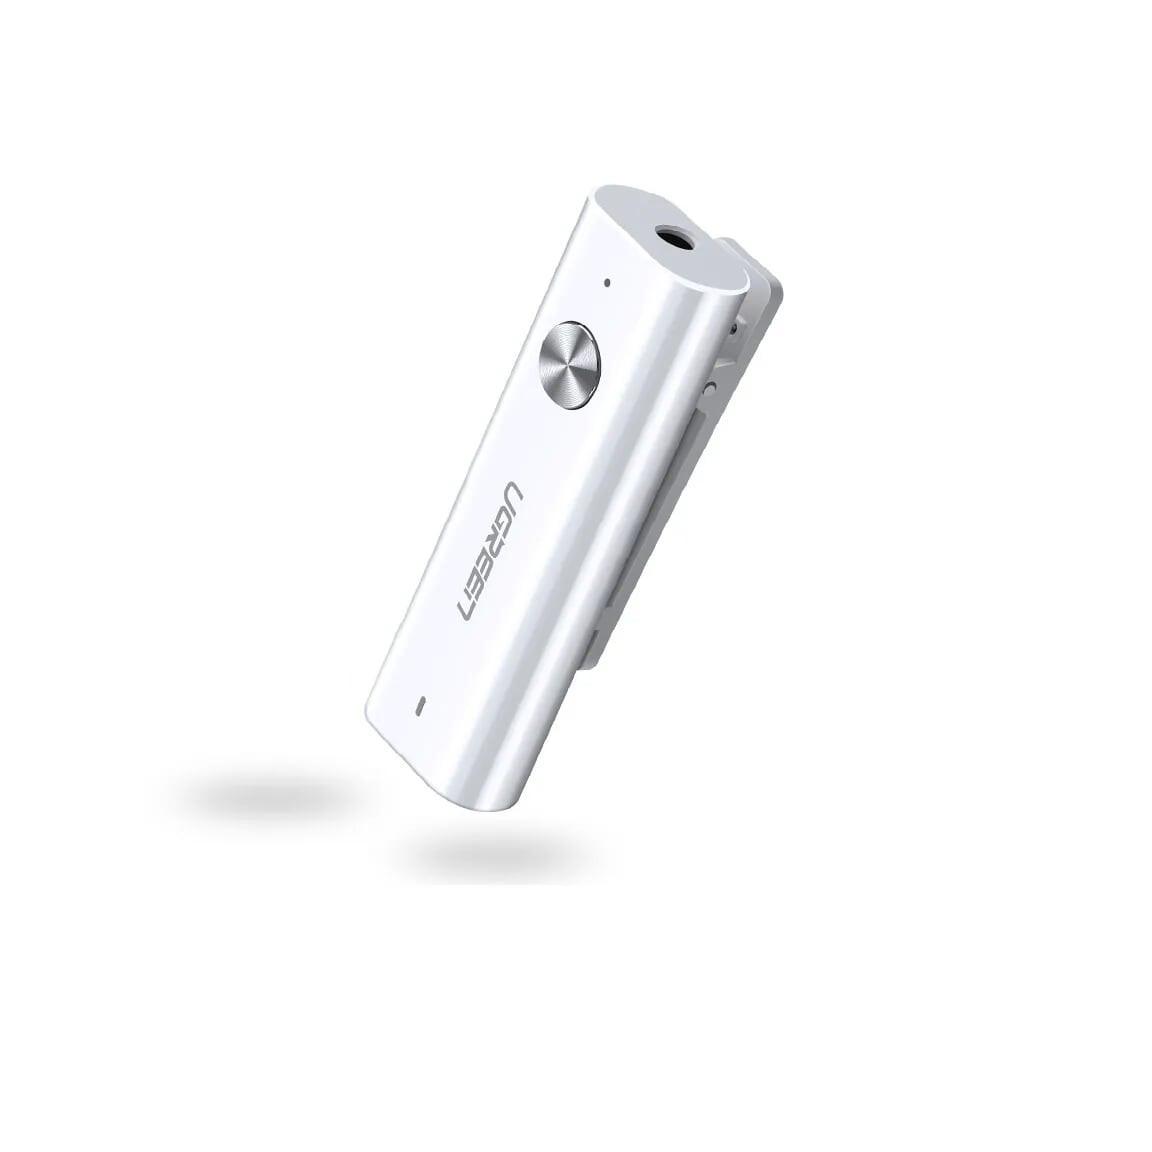 Tai Nghe Bt Hỗ Trợ 2 Kết Nối Có Chip Qualcomm Aptx Bluetooth Headset 2X Connections UGREEN Cm110-40854 - Hàng chính hãng